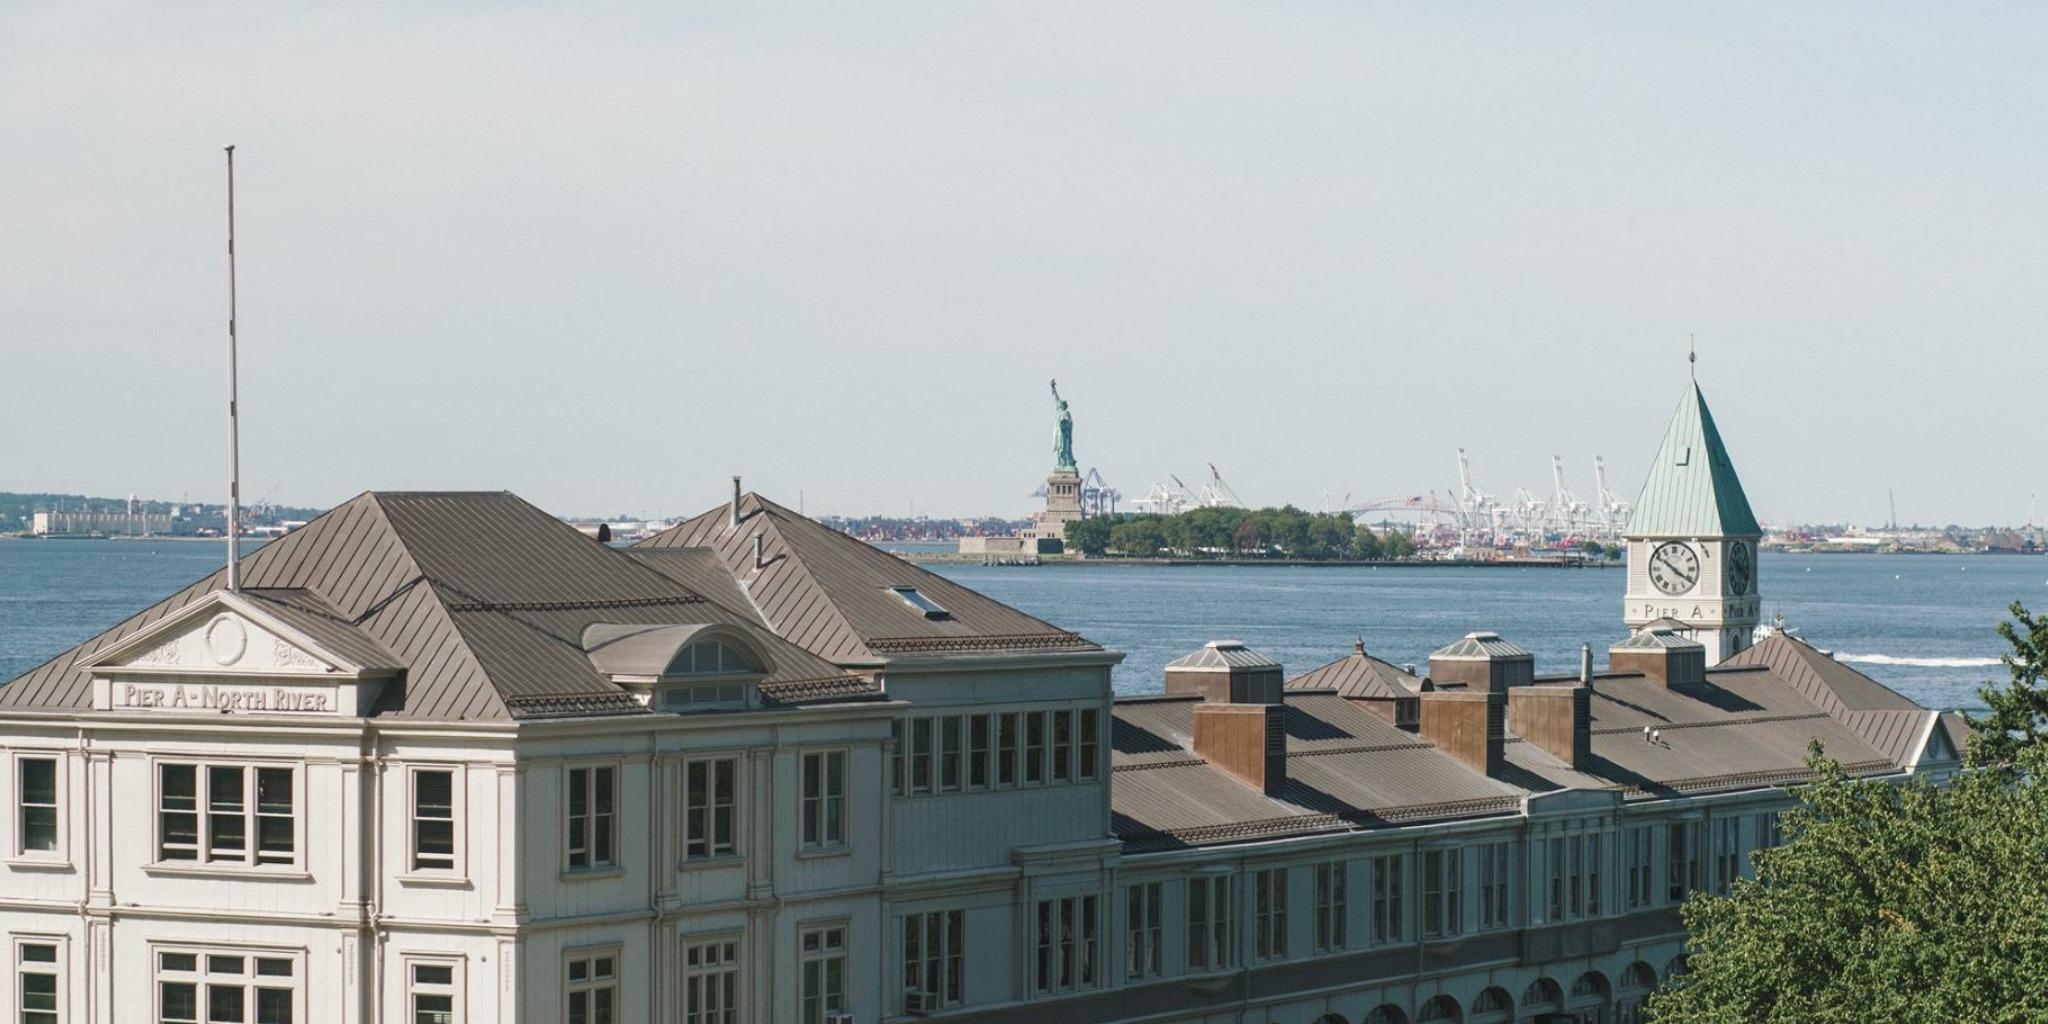 中高生夏休み留学 アメリカ・ニューヨーク 景色 自由の女神 窓からの眺め